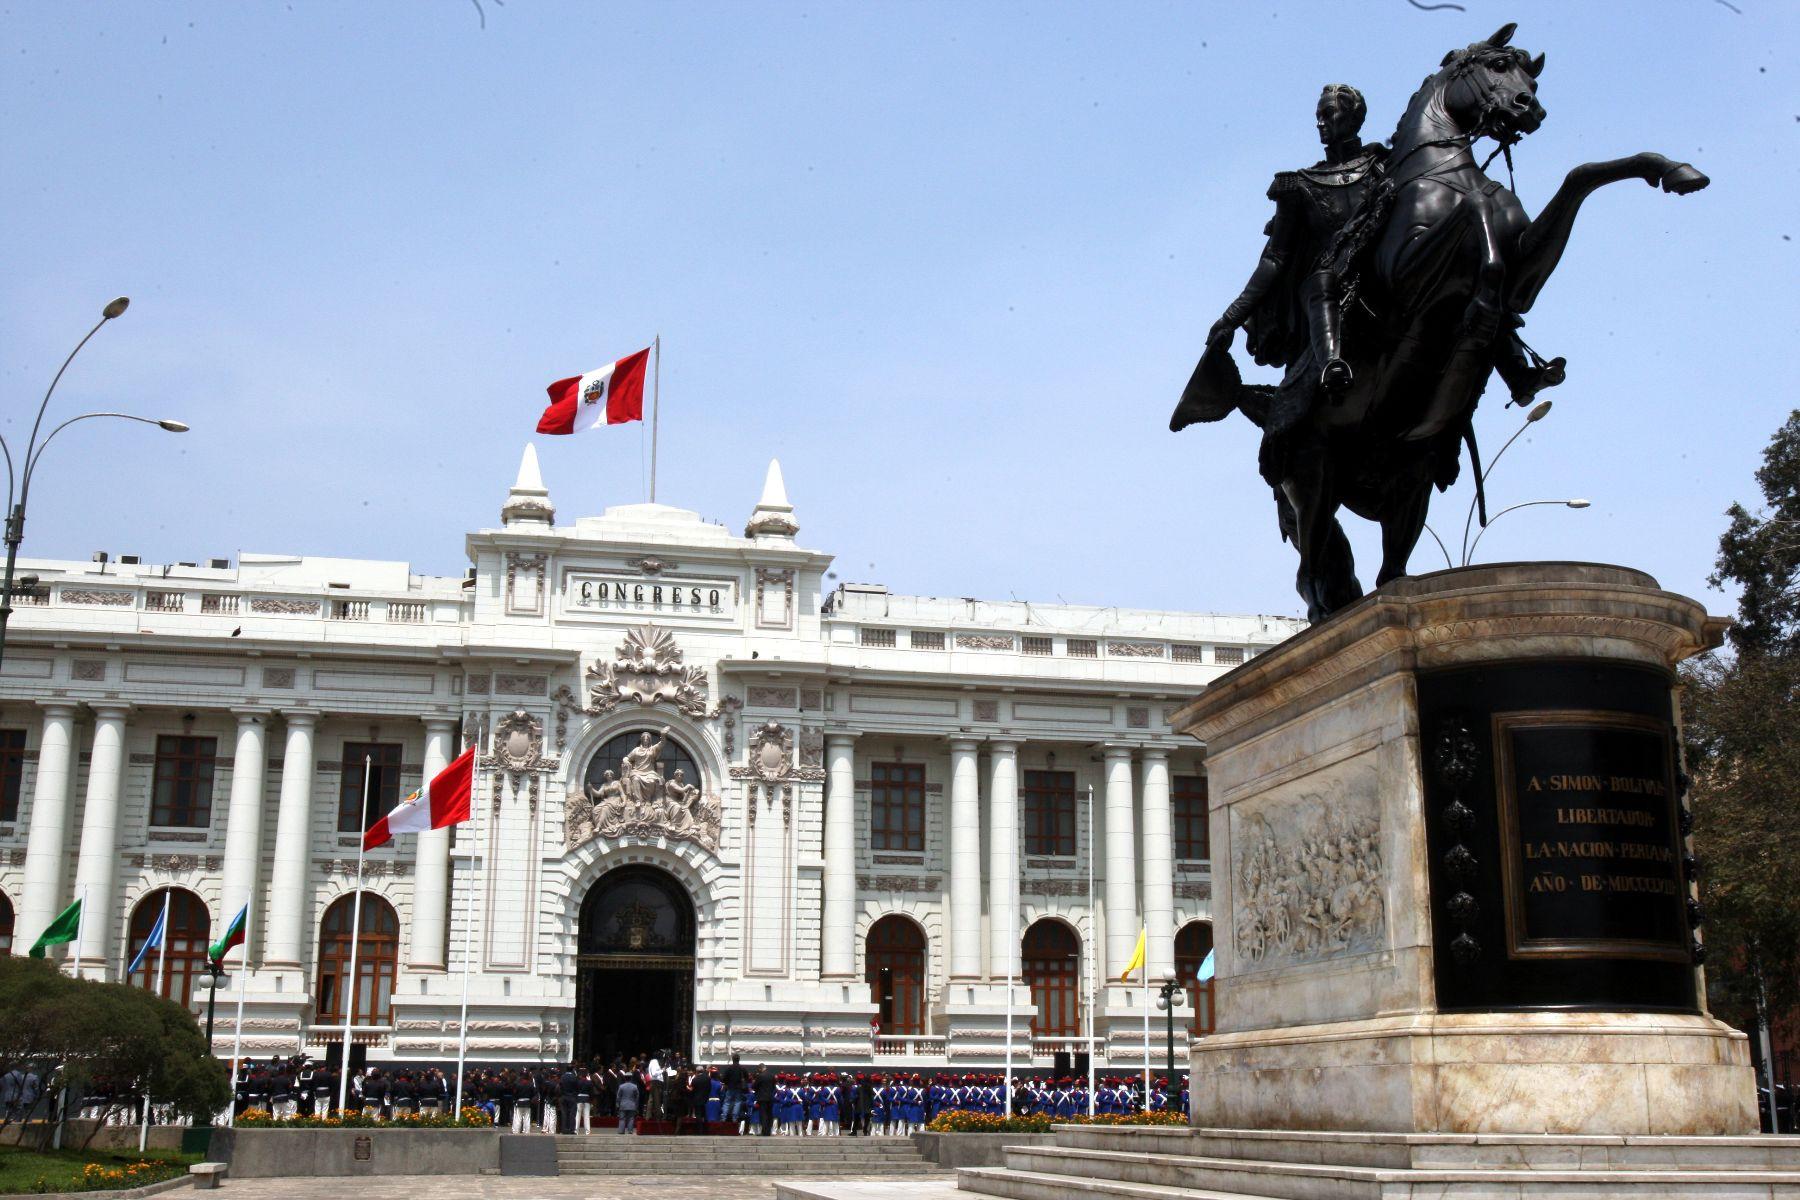 gobierno-propuso-reformar-ley-de-mampa-en-agenda-enviada-al-congreso